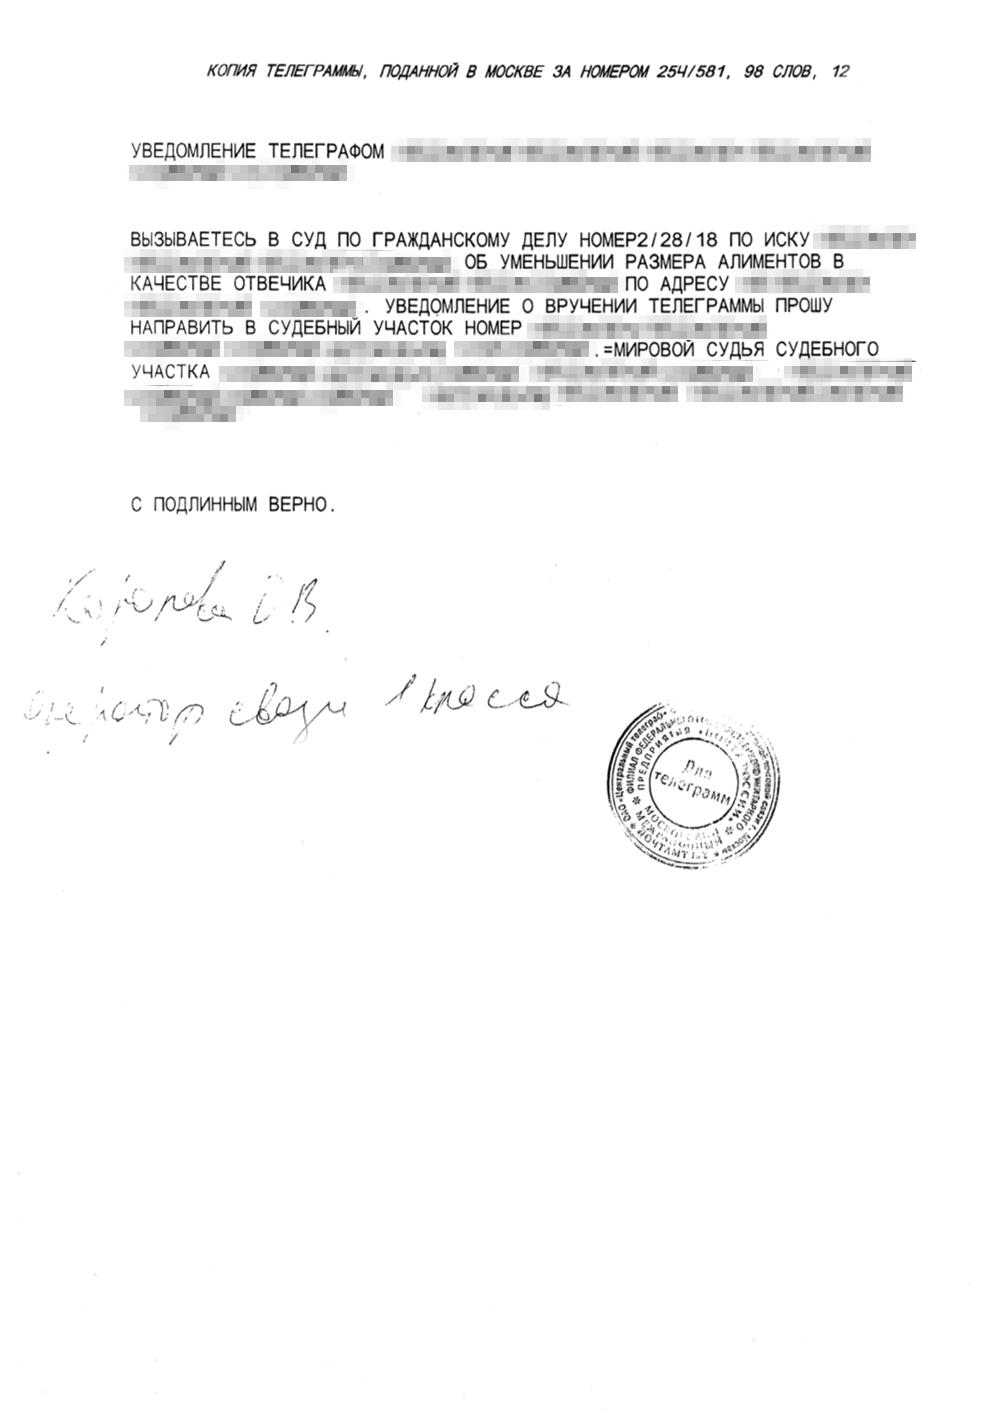 О судебном слушании Татьяна узнала из повестки в суд. Сам Иван не решился рассказать бывшей супруге и старшему сыну о намерениях снизить размер алиментов